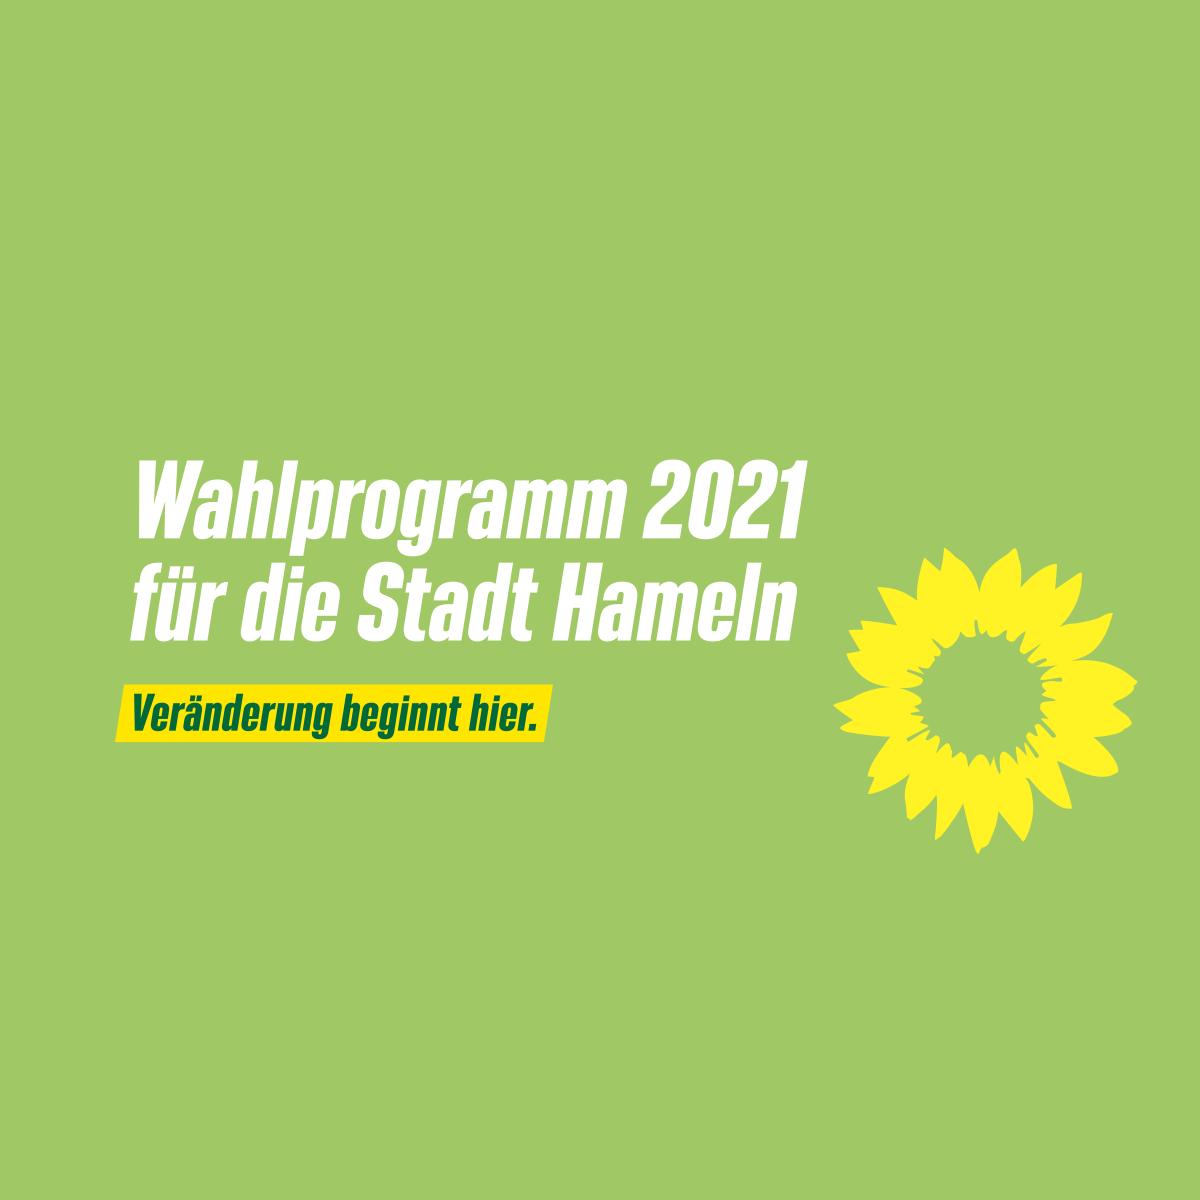 Unser Wahlprogramm 2021 für die Stadt Hameln